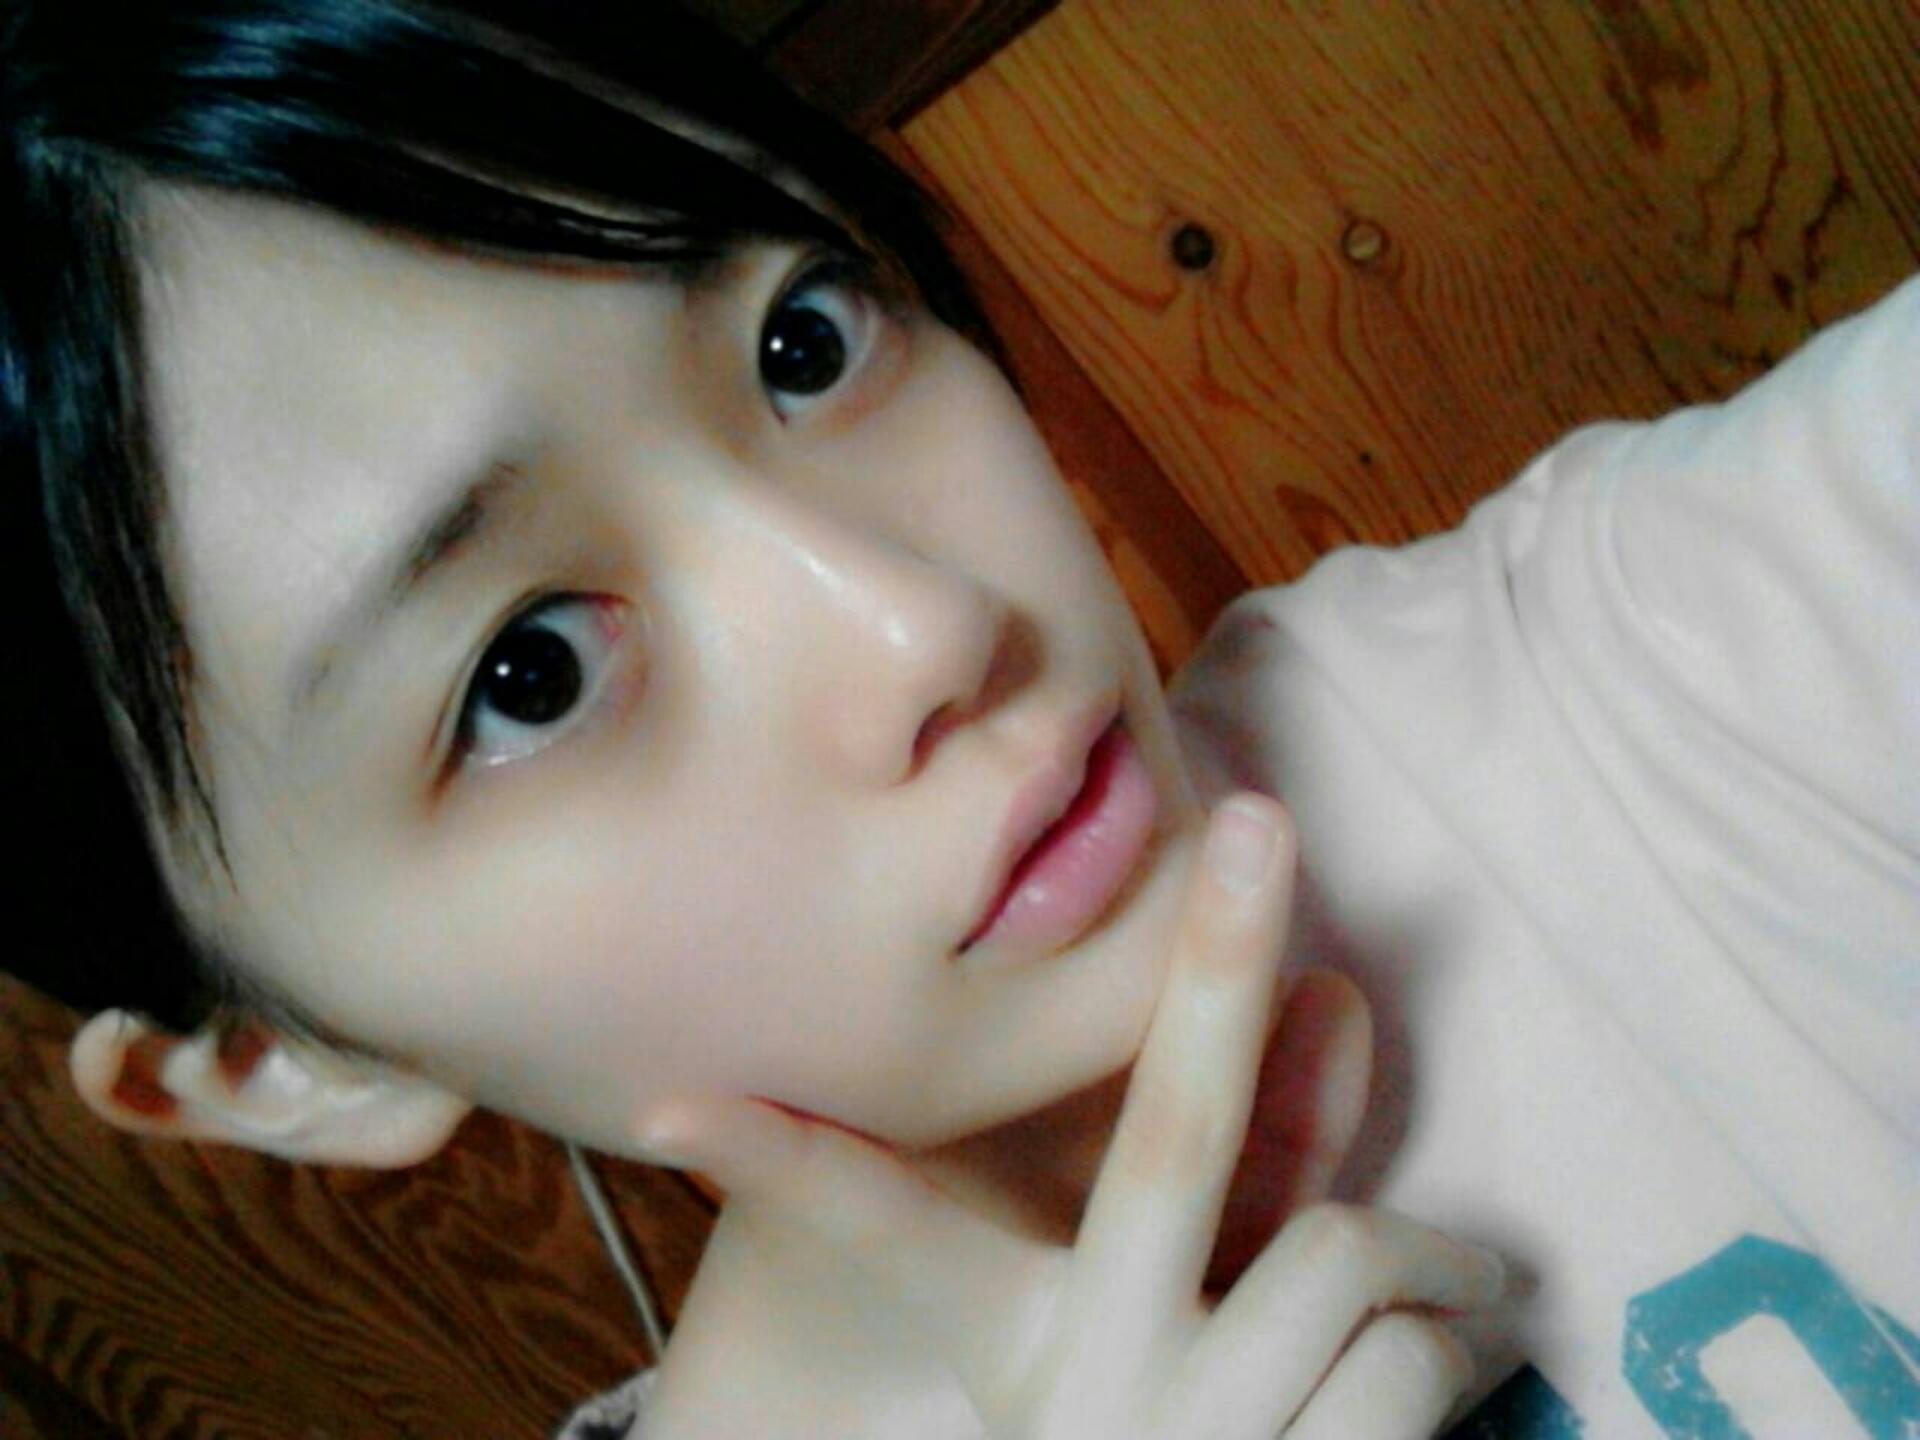 【AKB48】早坂つむぎ応援スレ☆5【チーム8山形代表】 [無断転載禁止]©2ch.netYouTube動画>11本 ->画像>408枚